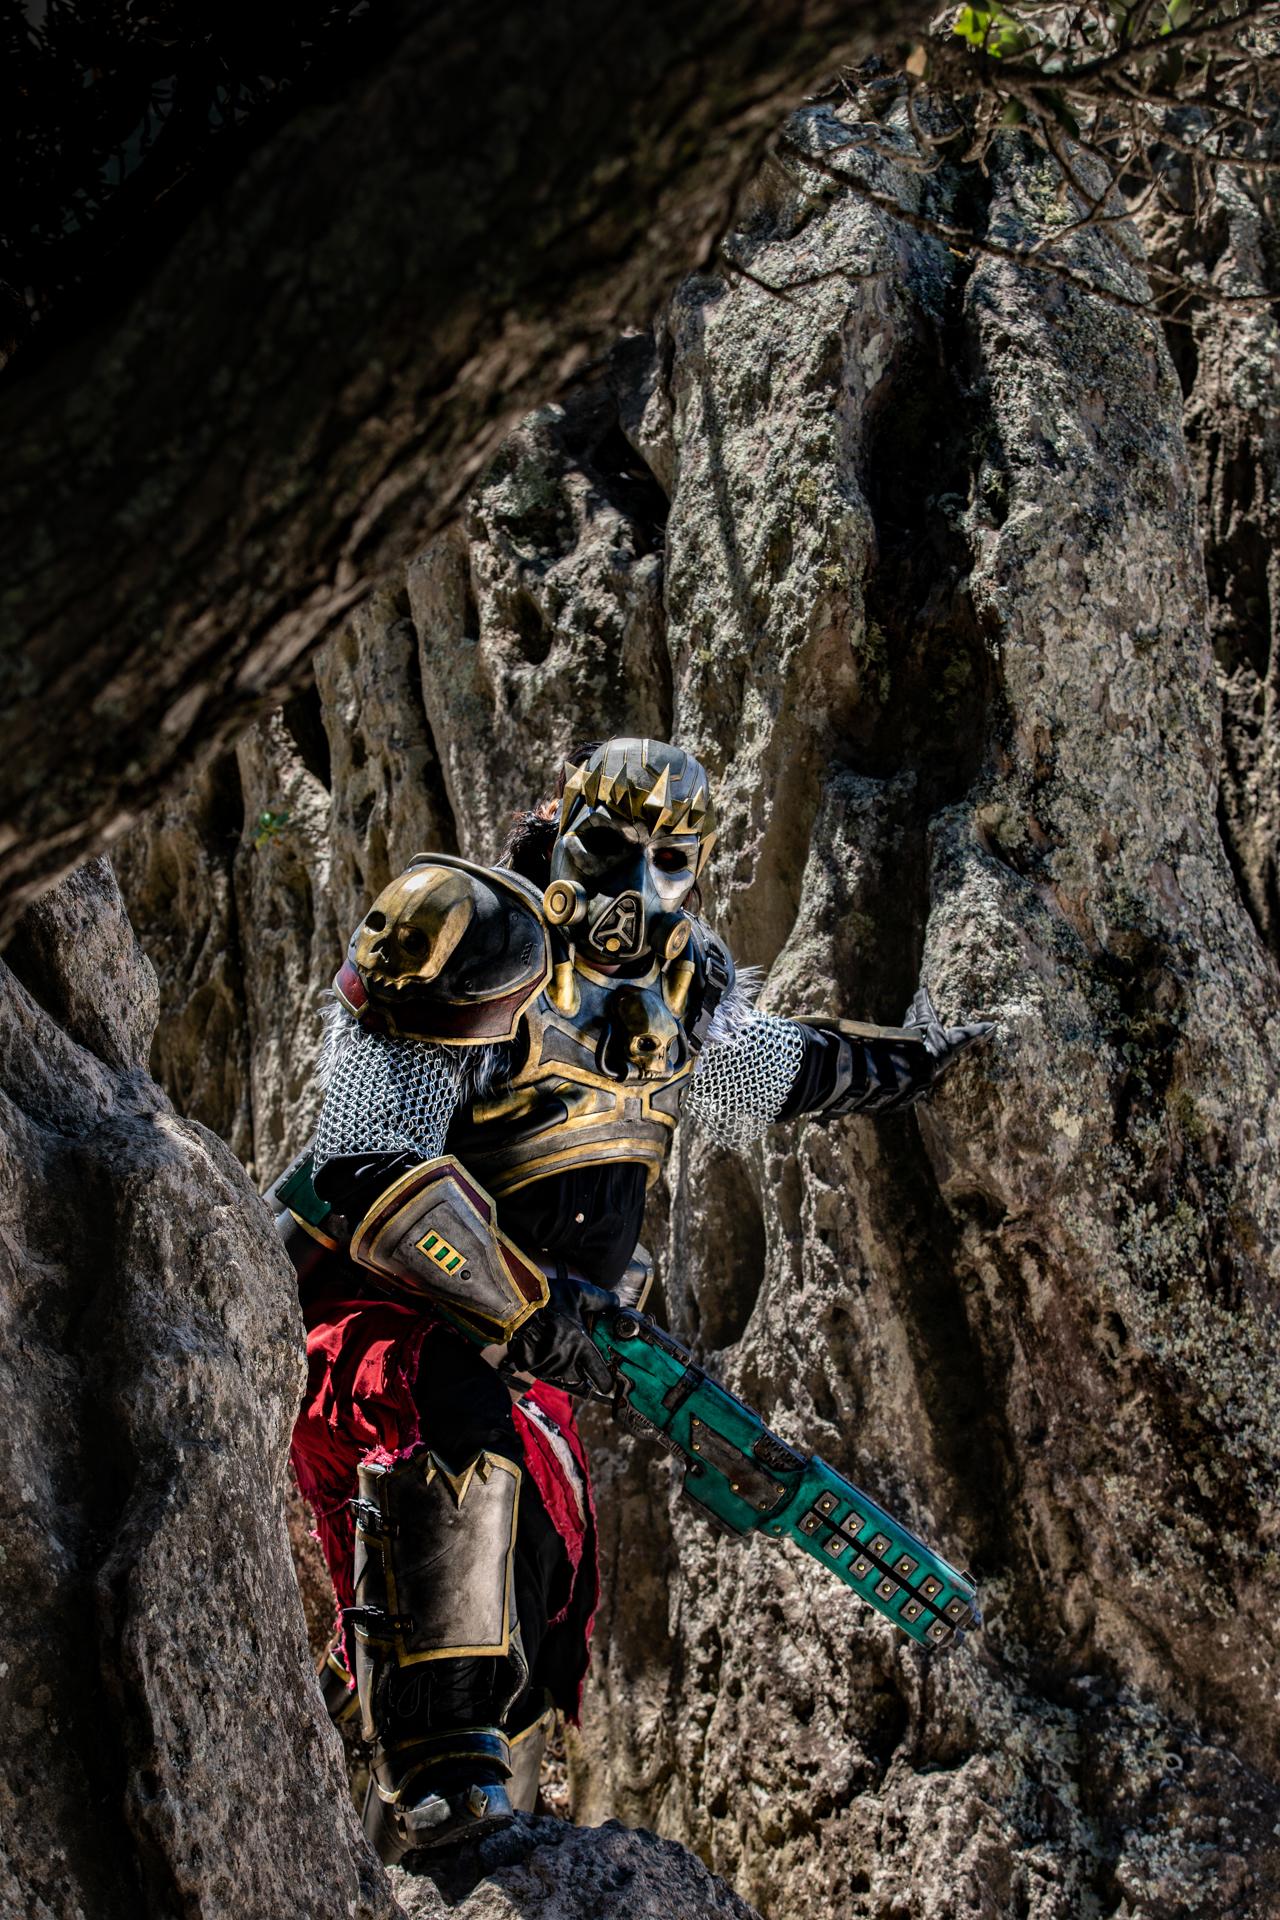 Caustic Apex Legends Mount Maunganui